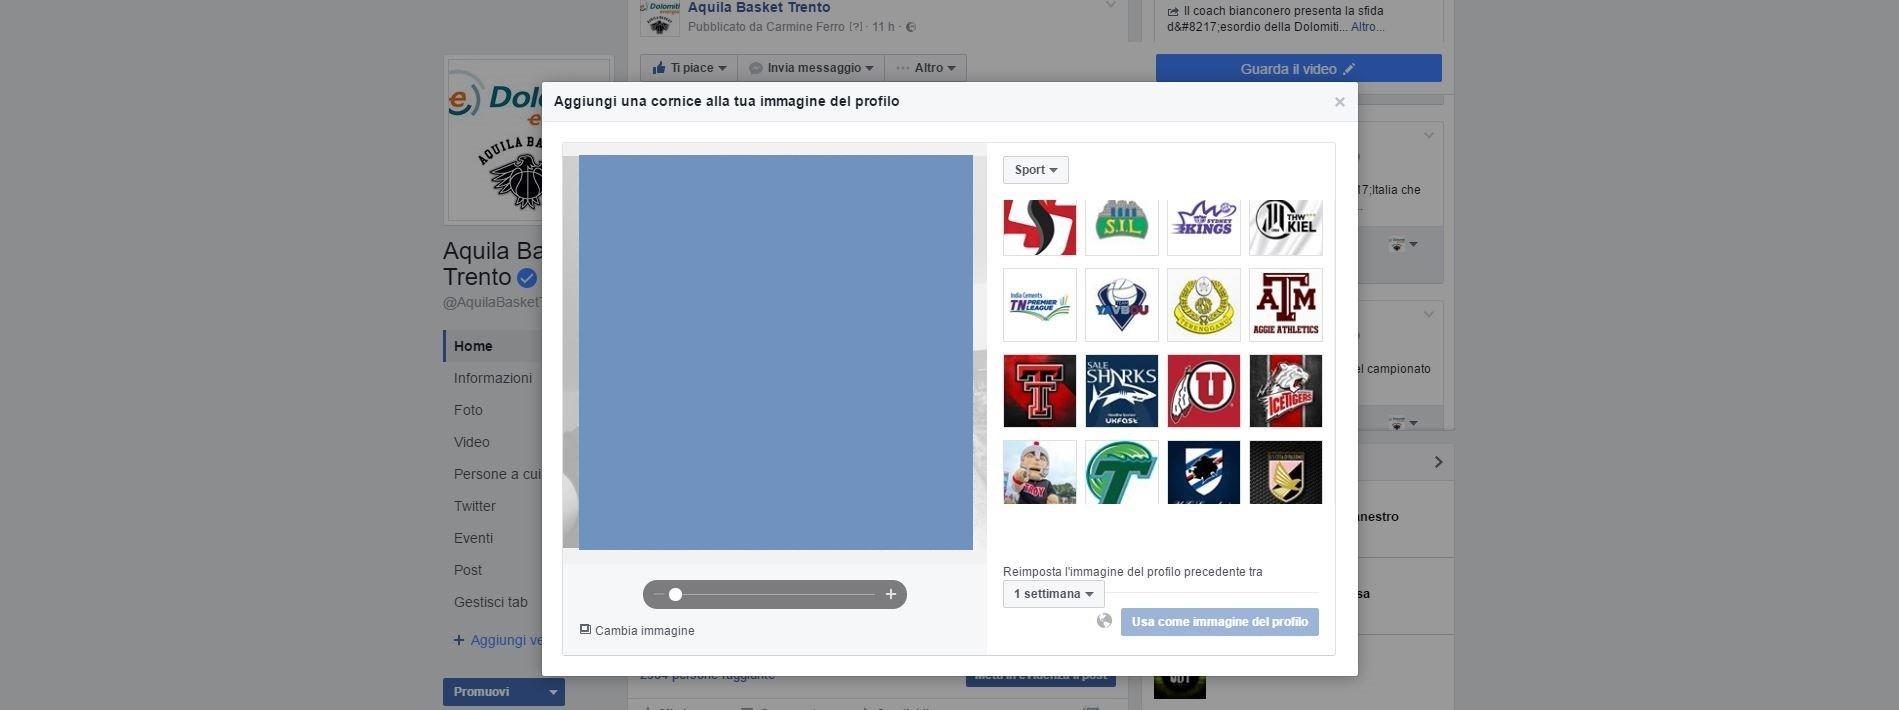 Come creare una Cornice per l'immagine del profilo su Facebook